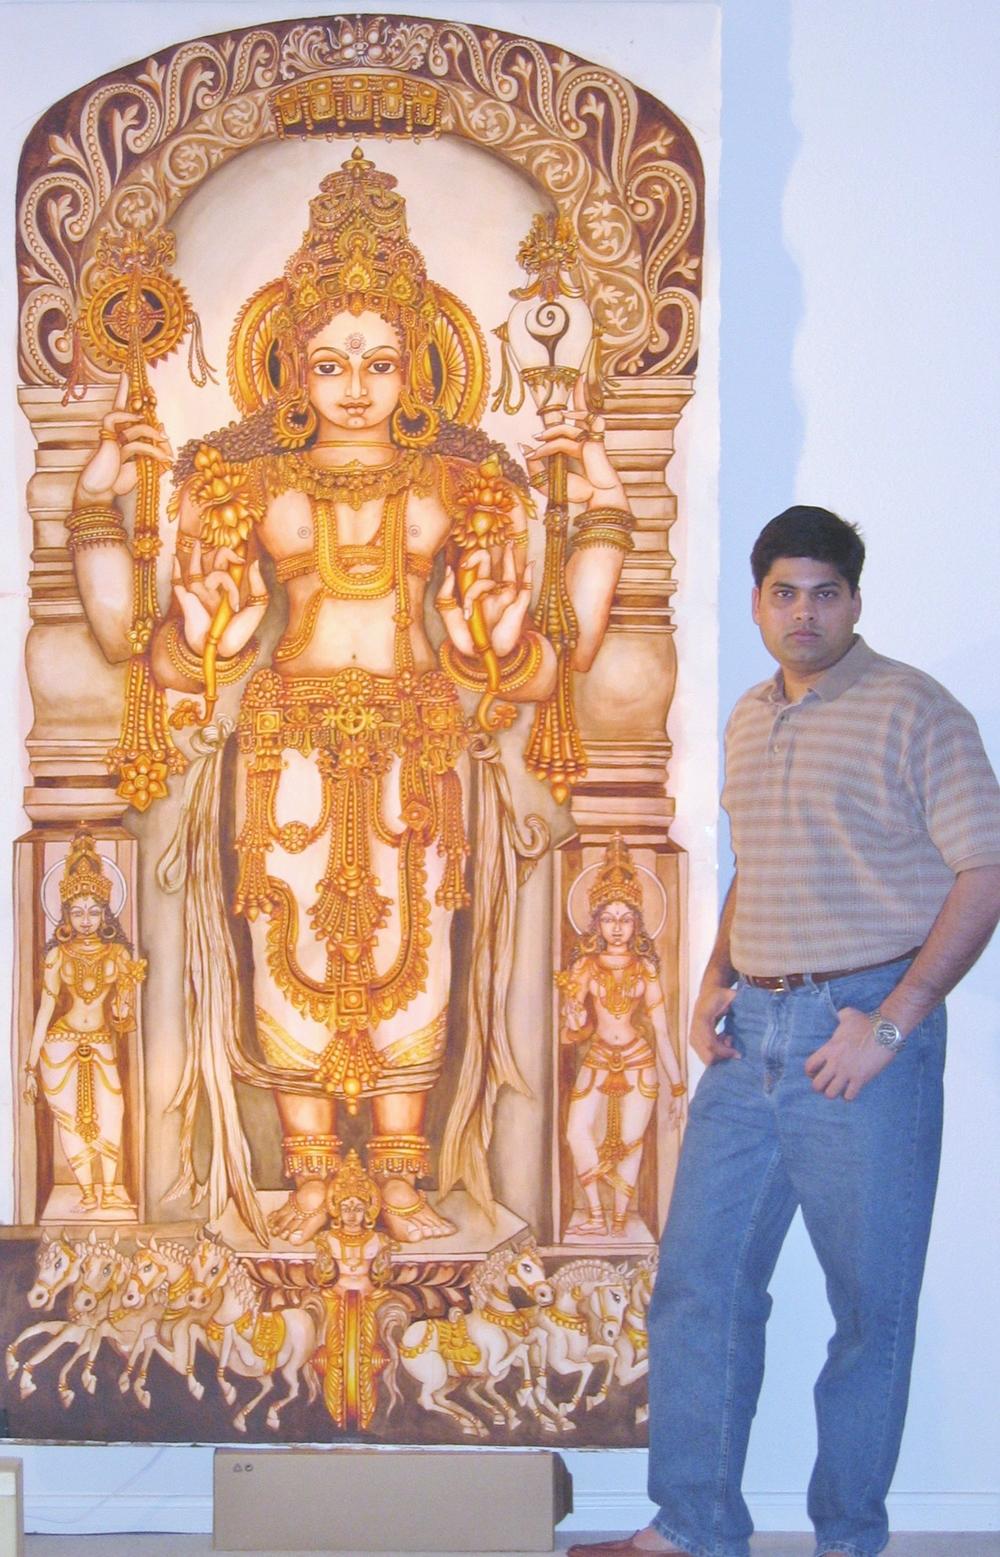 Surya Narayana Mural